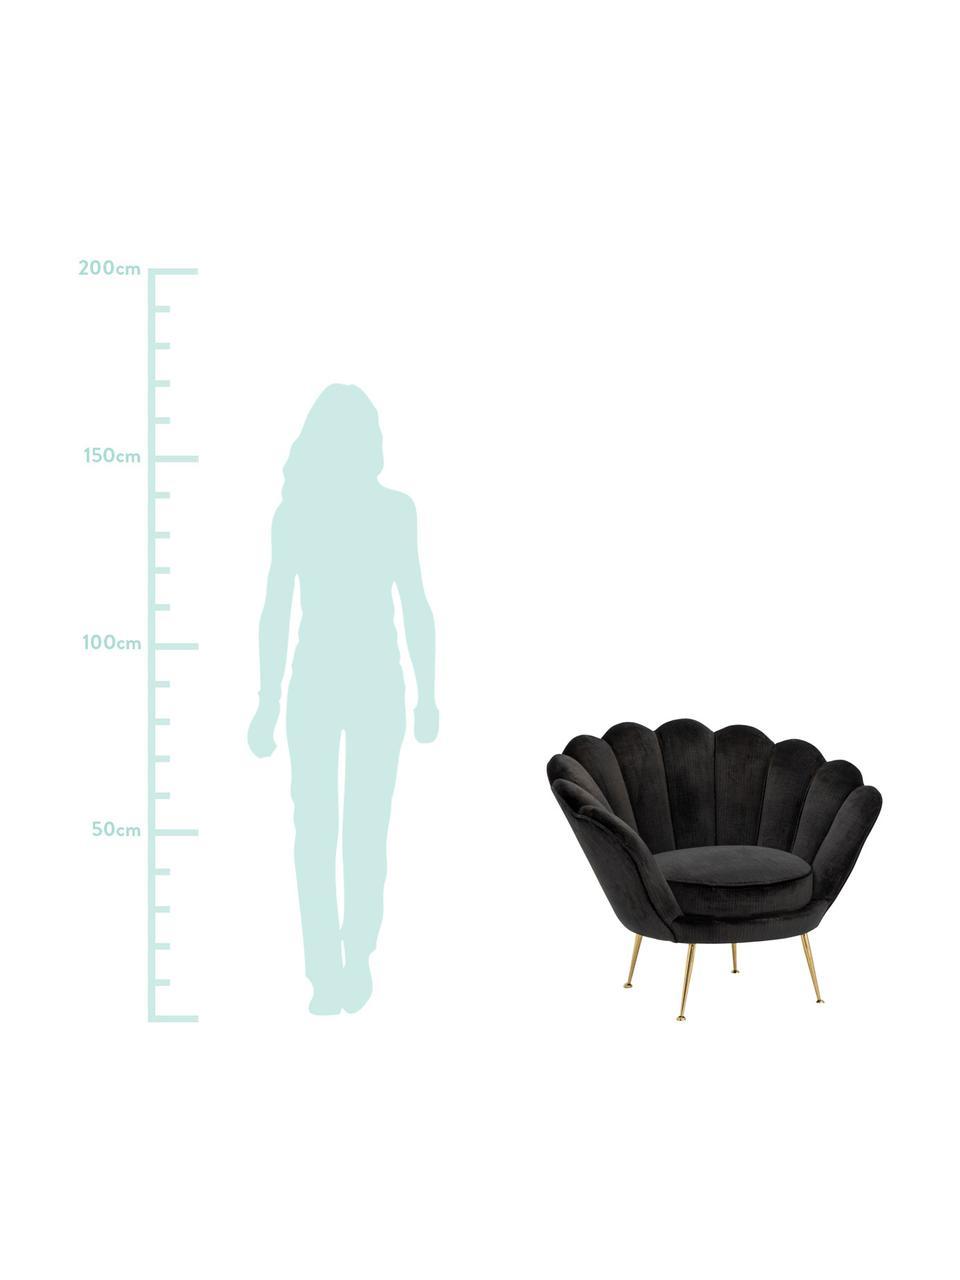 Fotel koktajlowy z aksamitu Trapezium, Tapicerka: 70% wiskoza, 30% polieste, Nogi: metal powlekany, Aksamitny czarny, S 97 x G 79 cm